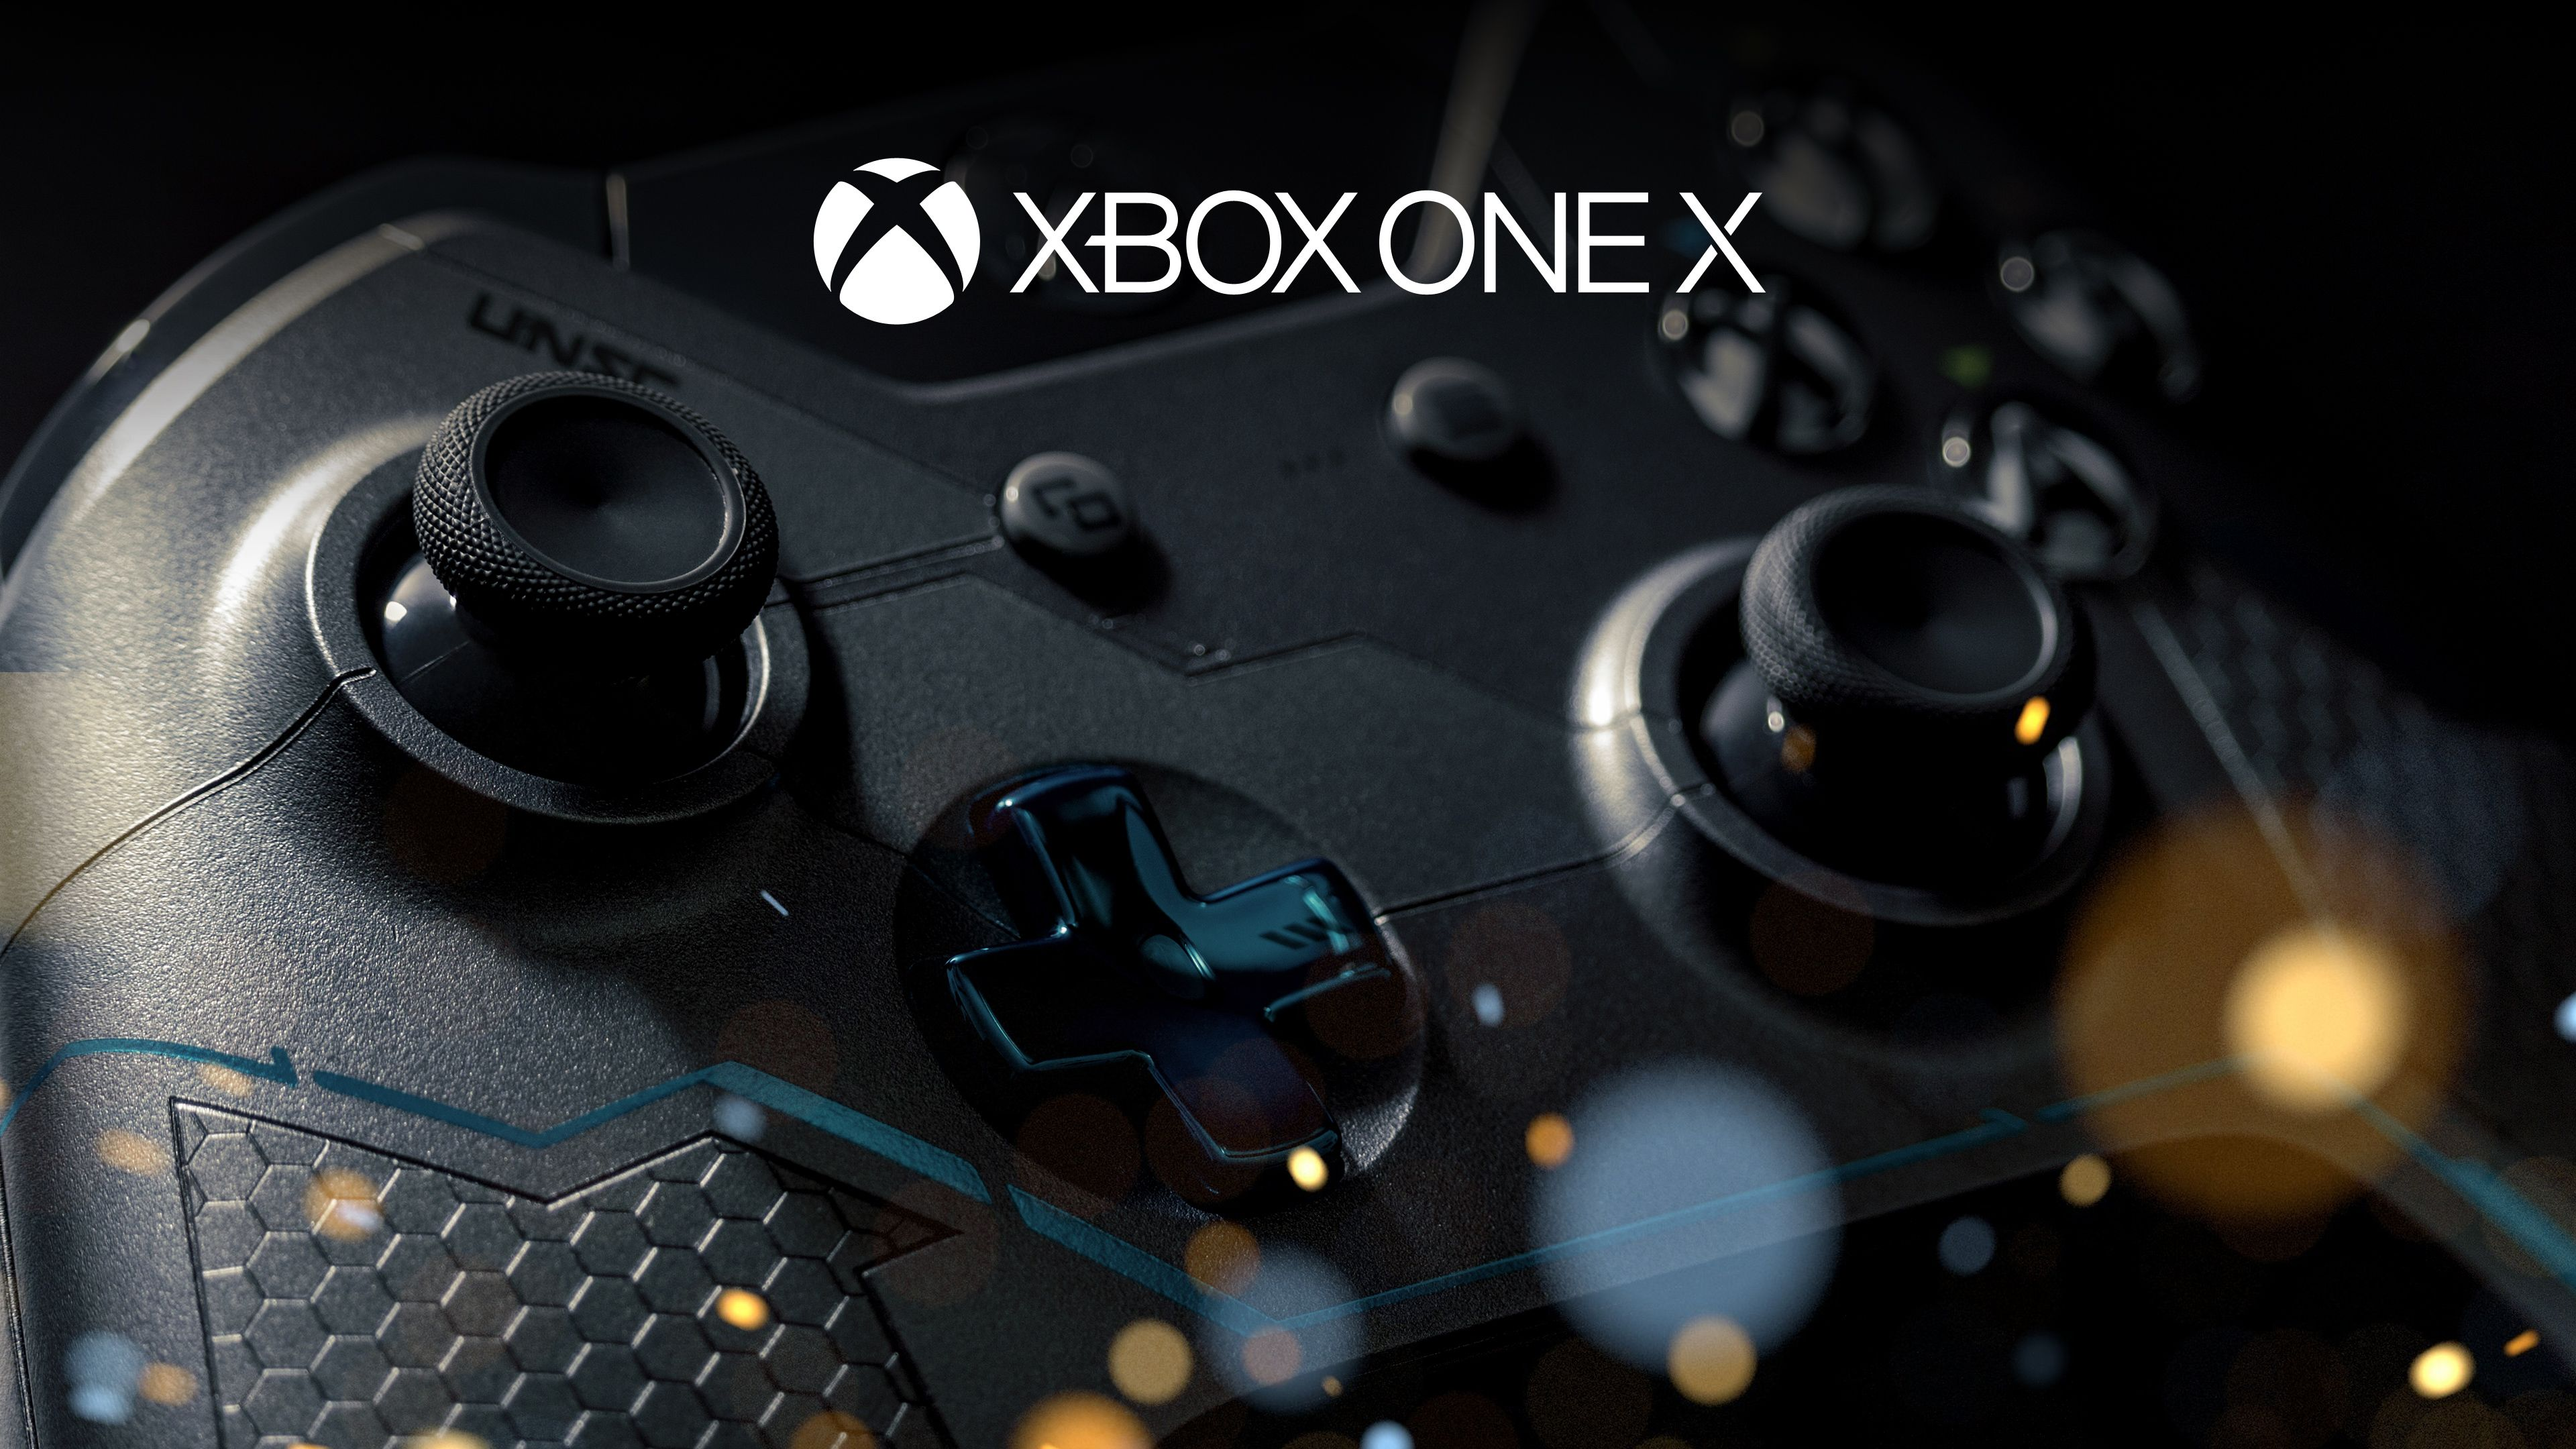 Xbox One X 4k Xbox One Xbox Console